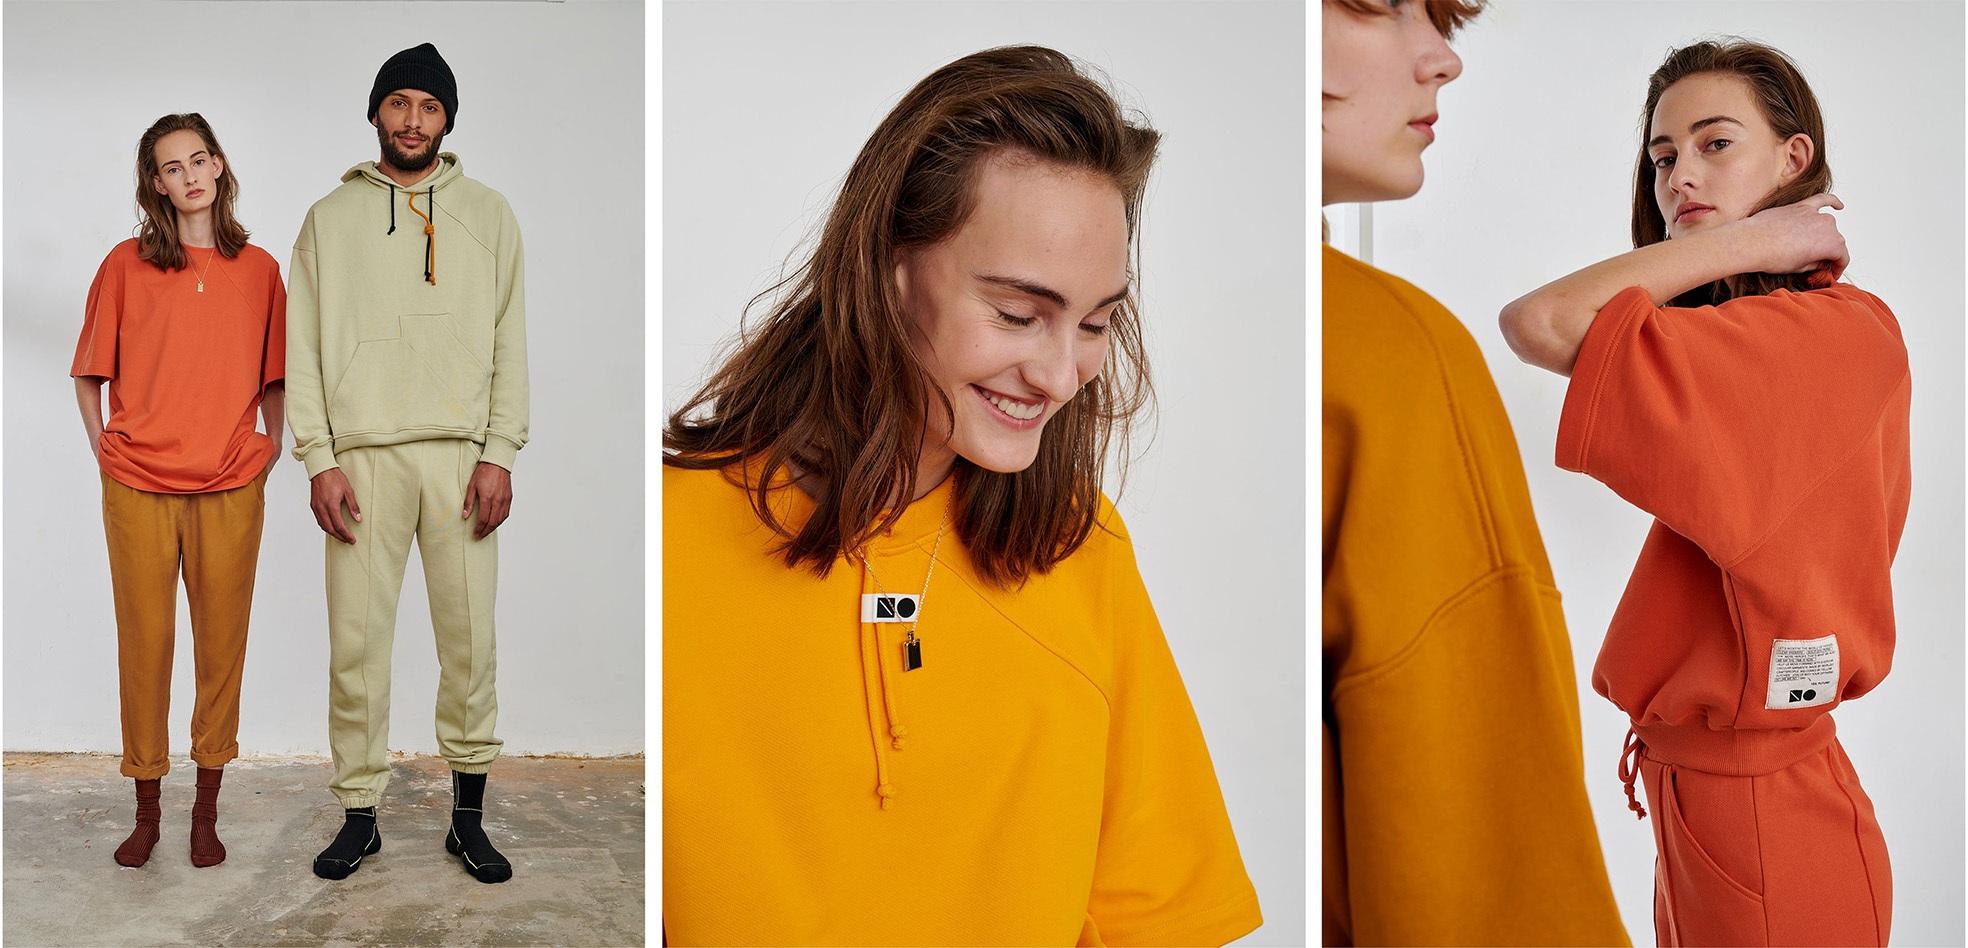 Reset tehink fashion modellen